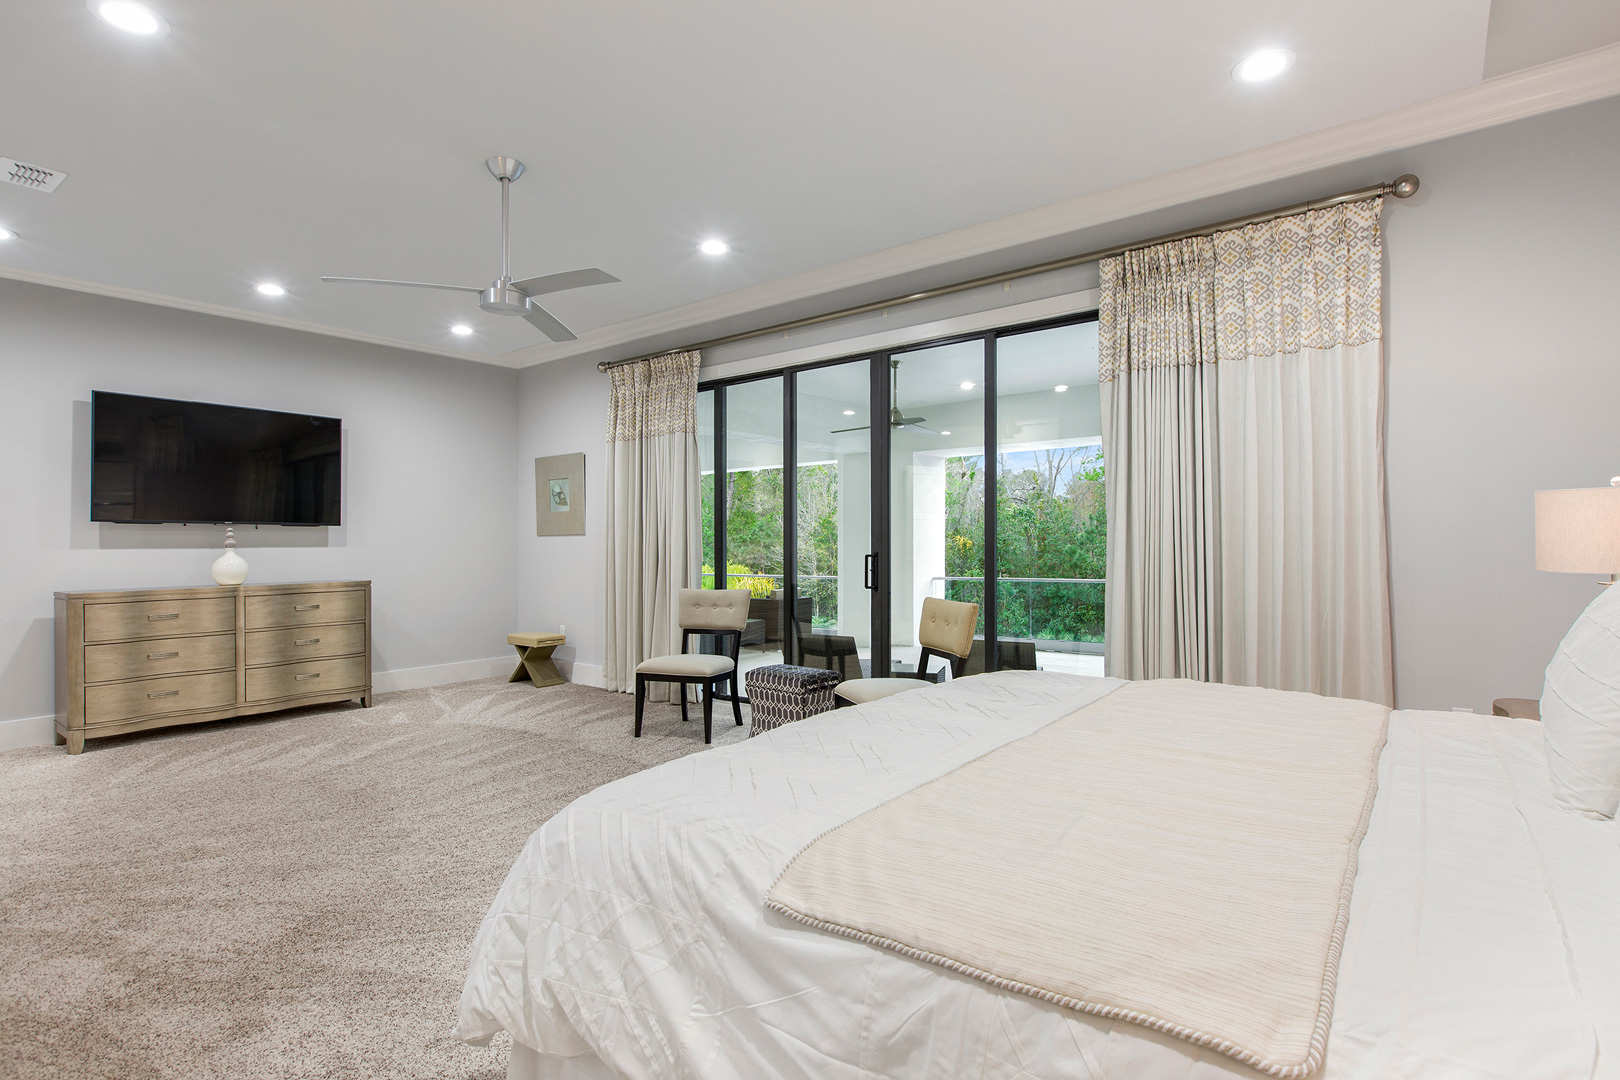 Bedrooms53